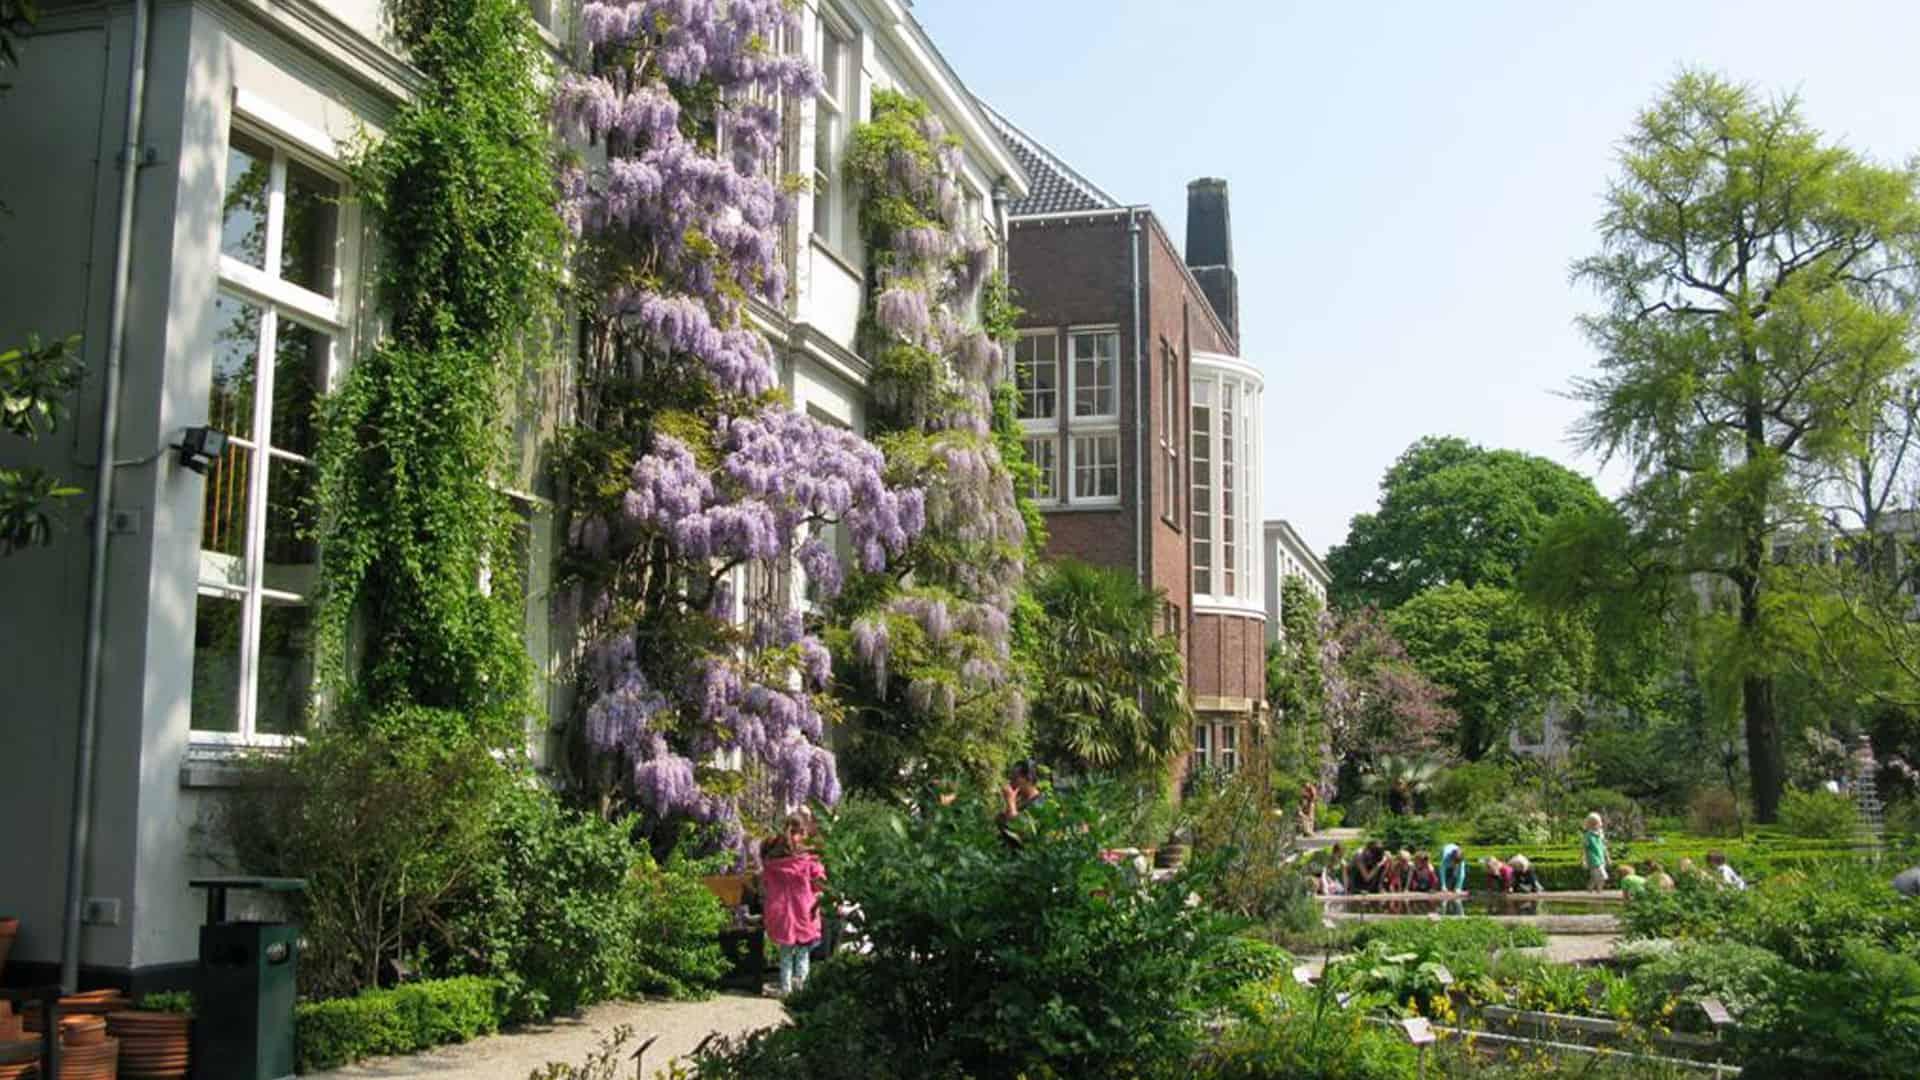 Botanische Tuin Amsterdam : Amsterdam botanical garden